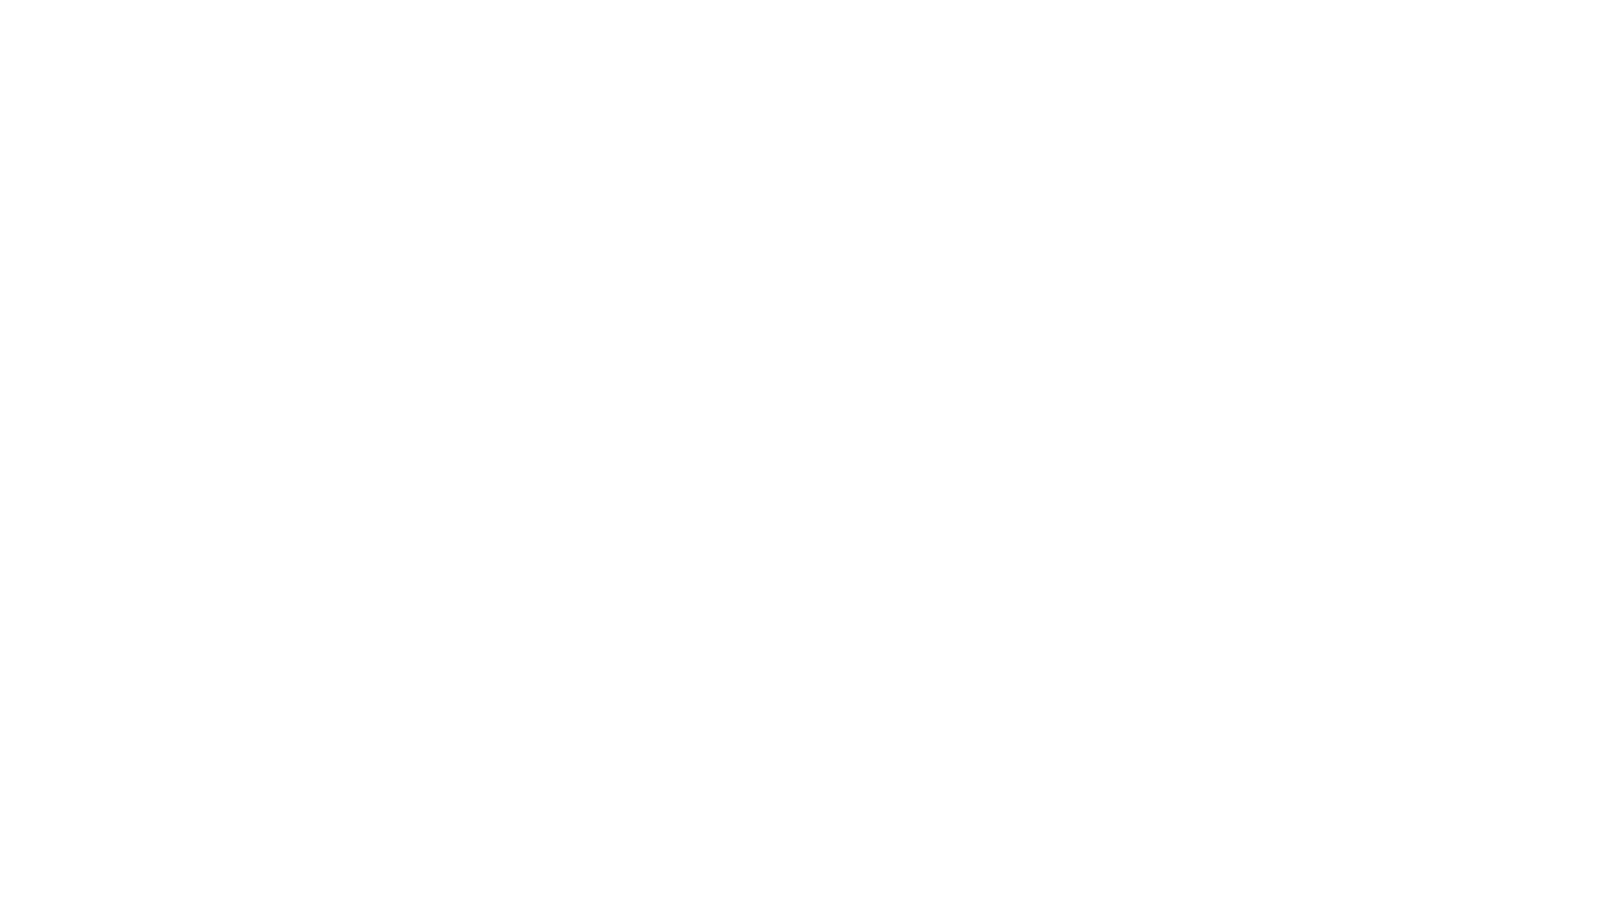 Linh Mục Phêrô Nguyễn Thái Của Cssp chia sẻ về ơn gọi Dòng Chúa Thánh Thần.  Xin mời các bạn trẻ đến với khóa tìm hiểu ơn gọi tại https://www.spiritans.vn/khoa-tim-hieu-on-goi-2021-2/